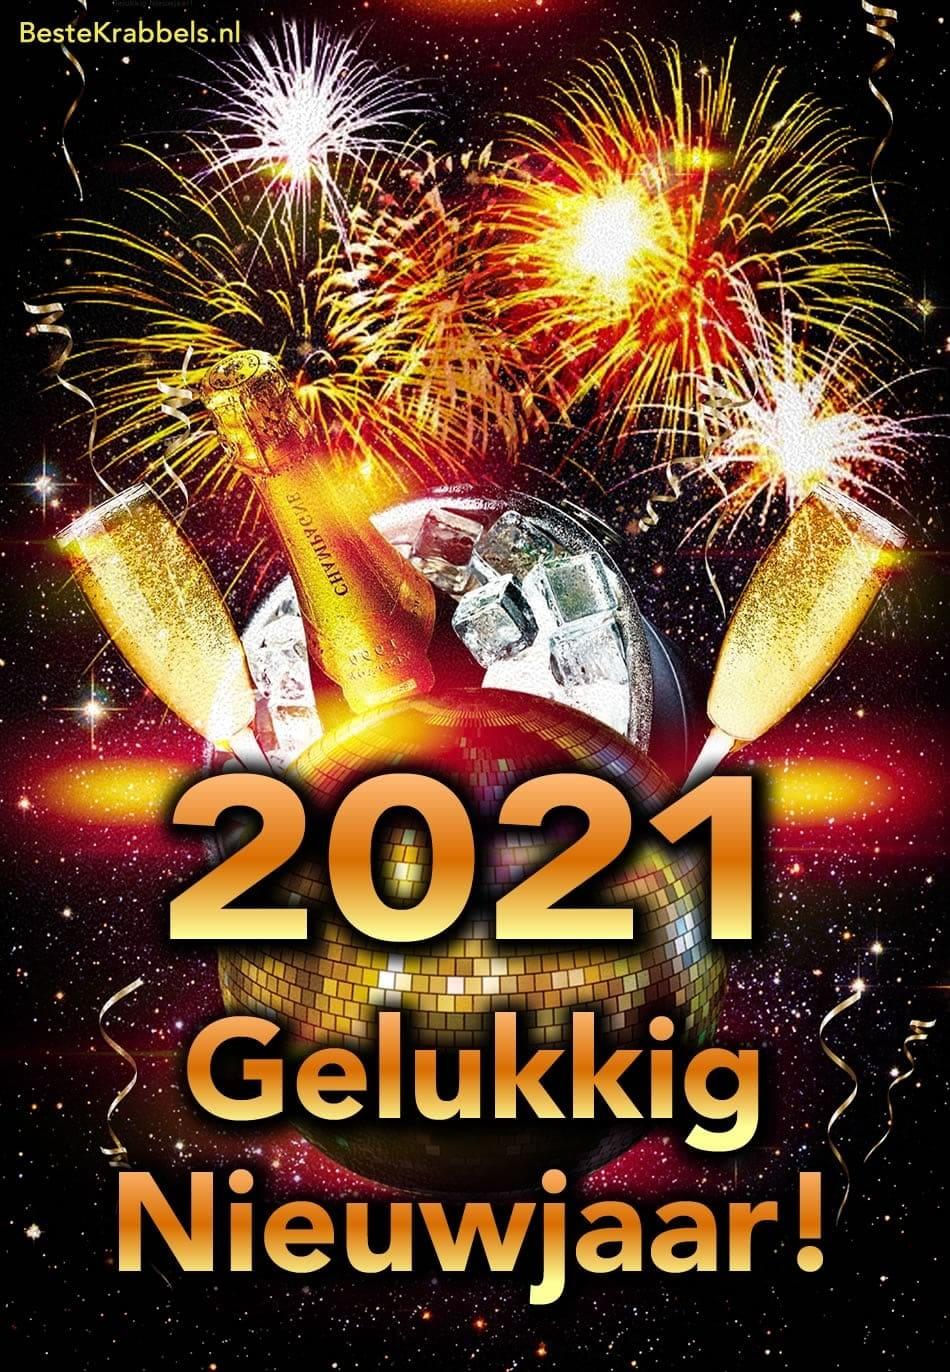 2021 Gelukkig Nieuwjaar!